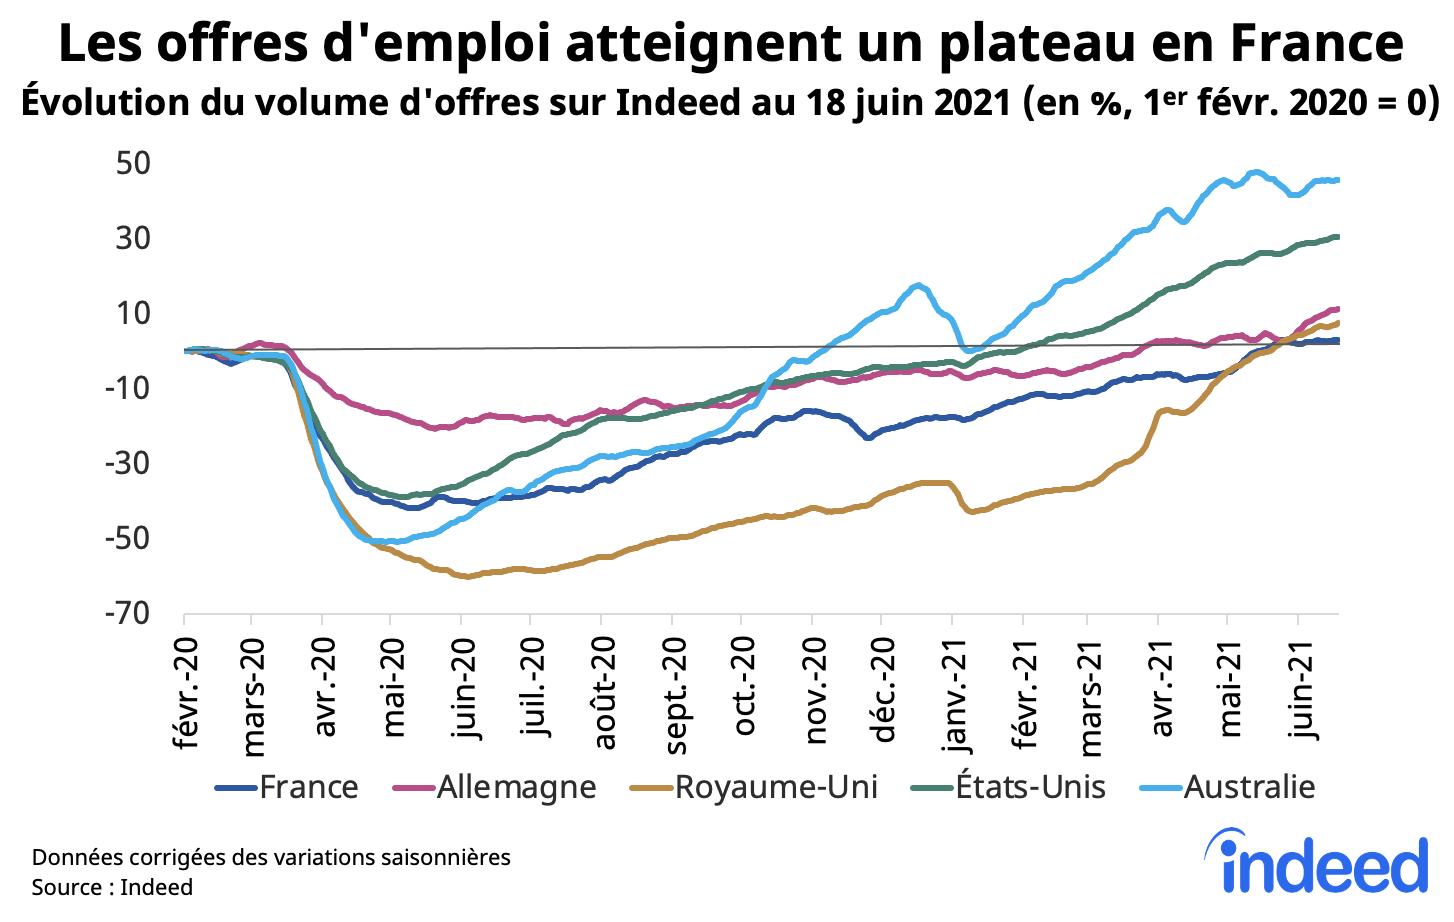 Le graphique en courbes illustre l'évolution du volume d'offres d'emploi en France, en Allemagne, au Royaume-Uni, aux États-Unis et en Australie au 18 juin 2021.